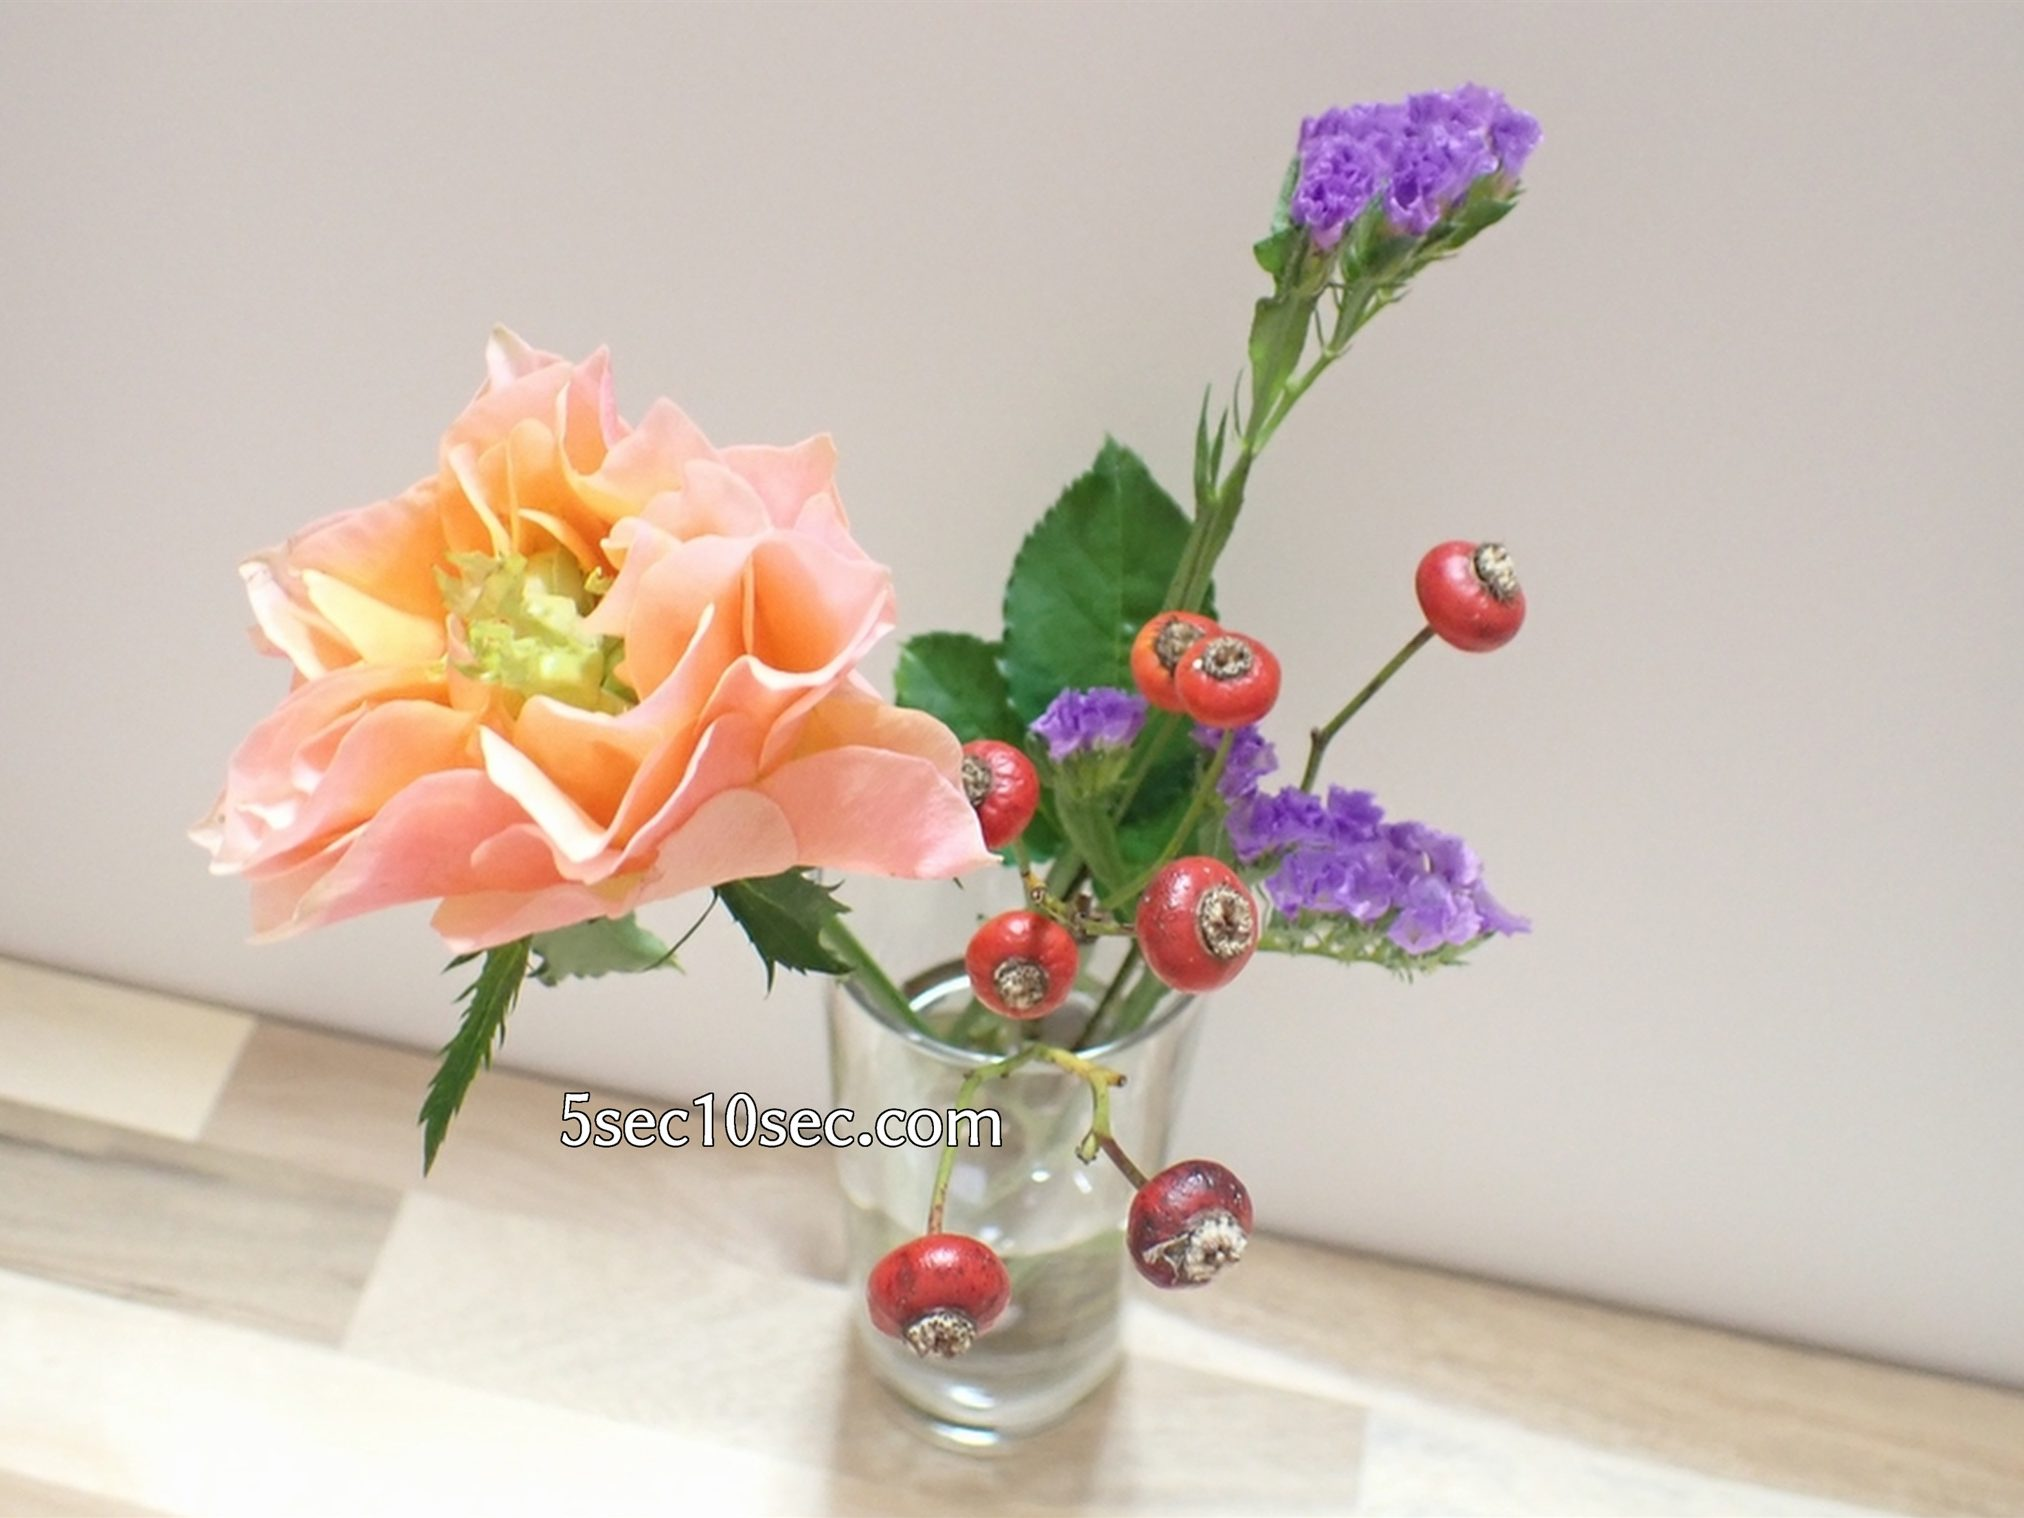 株式会社Crunch Style お花の定期便 Bloomee LIFE ブルーミーライフ 500円(税別・送料別)の体験プラン プロのお花屋さんのアレンジだから、花瓶にさすだけですぐにお花を楽しめます